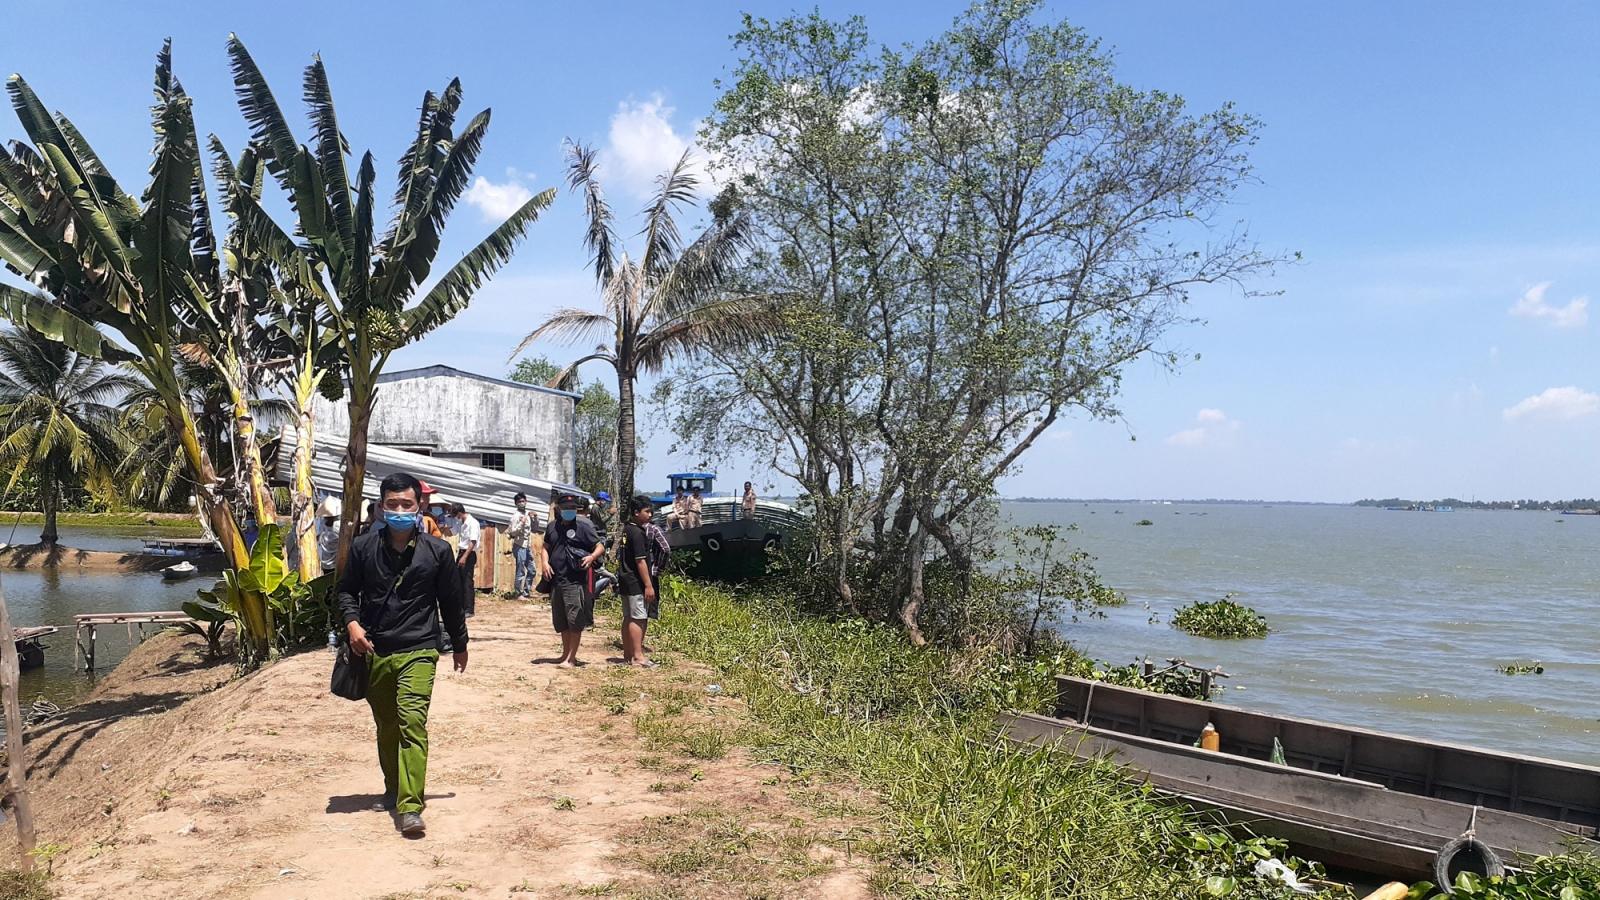 Khẩn trương điều tra vụ 3 ngườichếtđuối trên sông Tiền